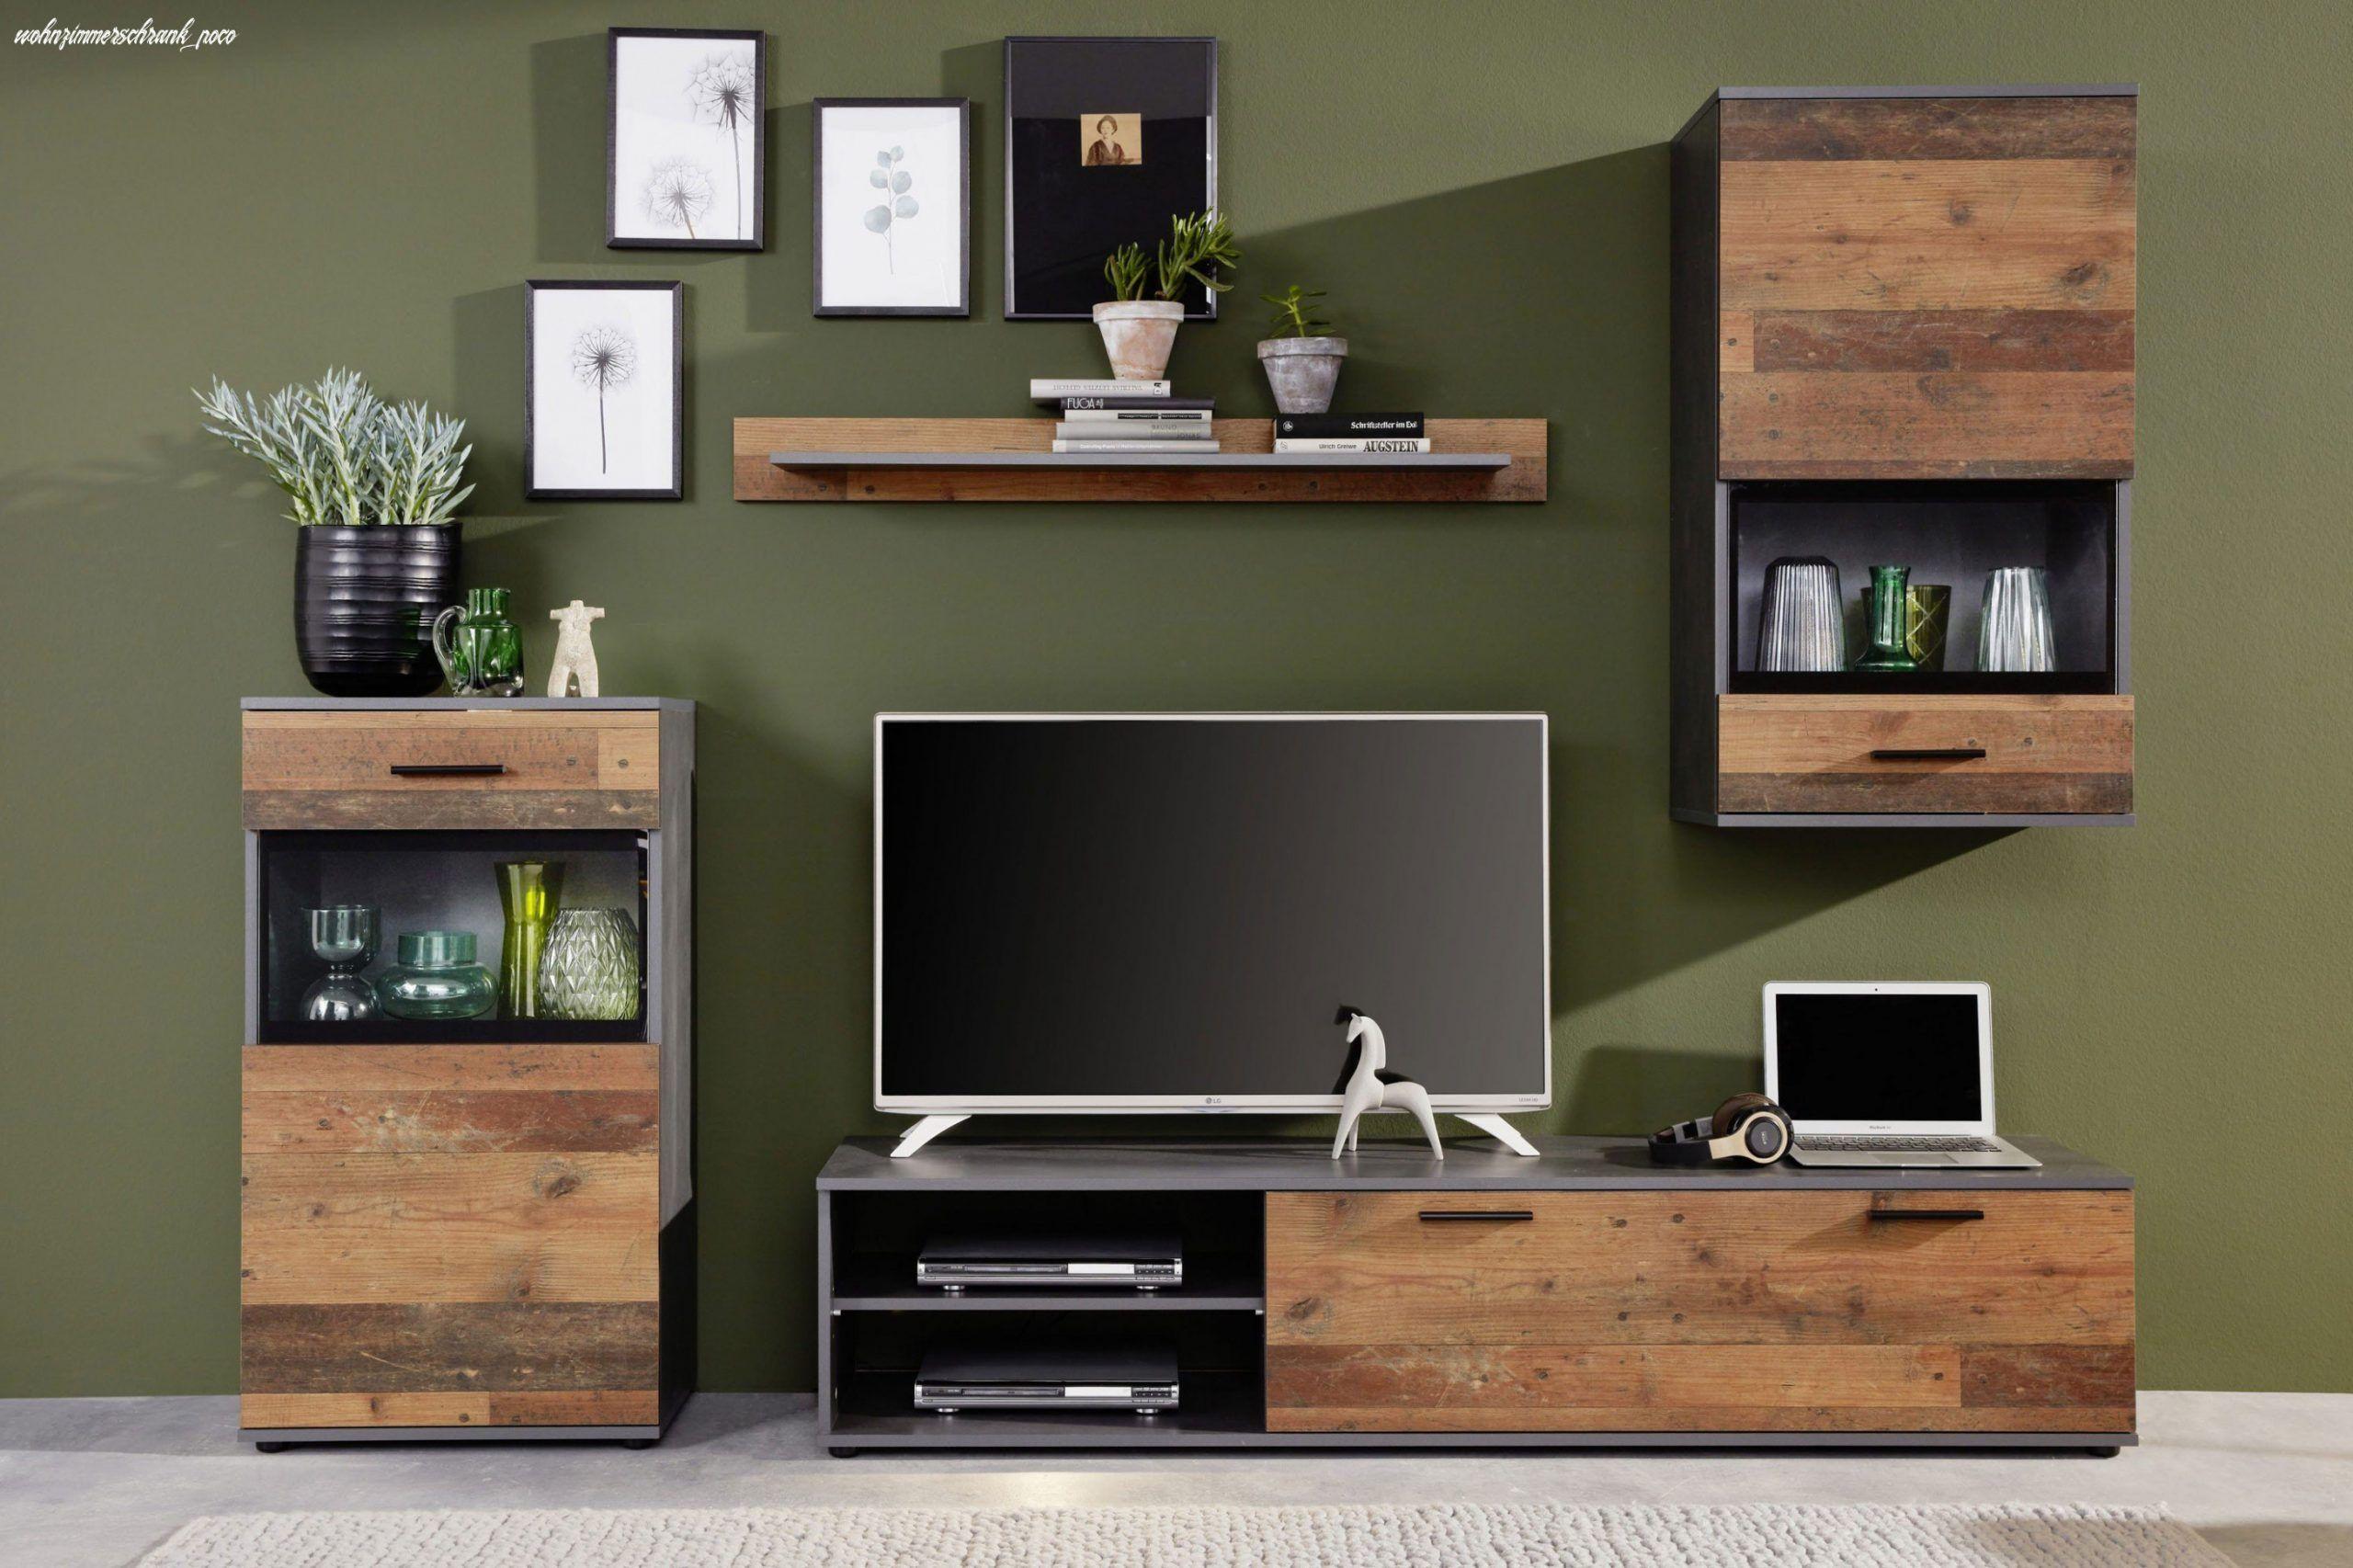 Der Neueste Trend Im Wohnzimmerschrank Poco in 6  Living room